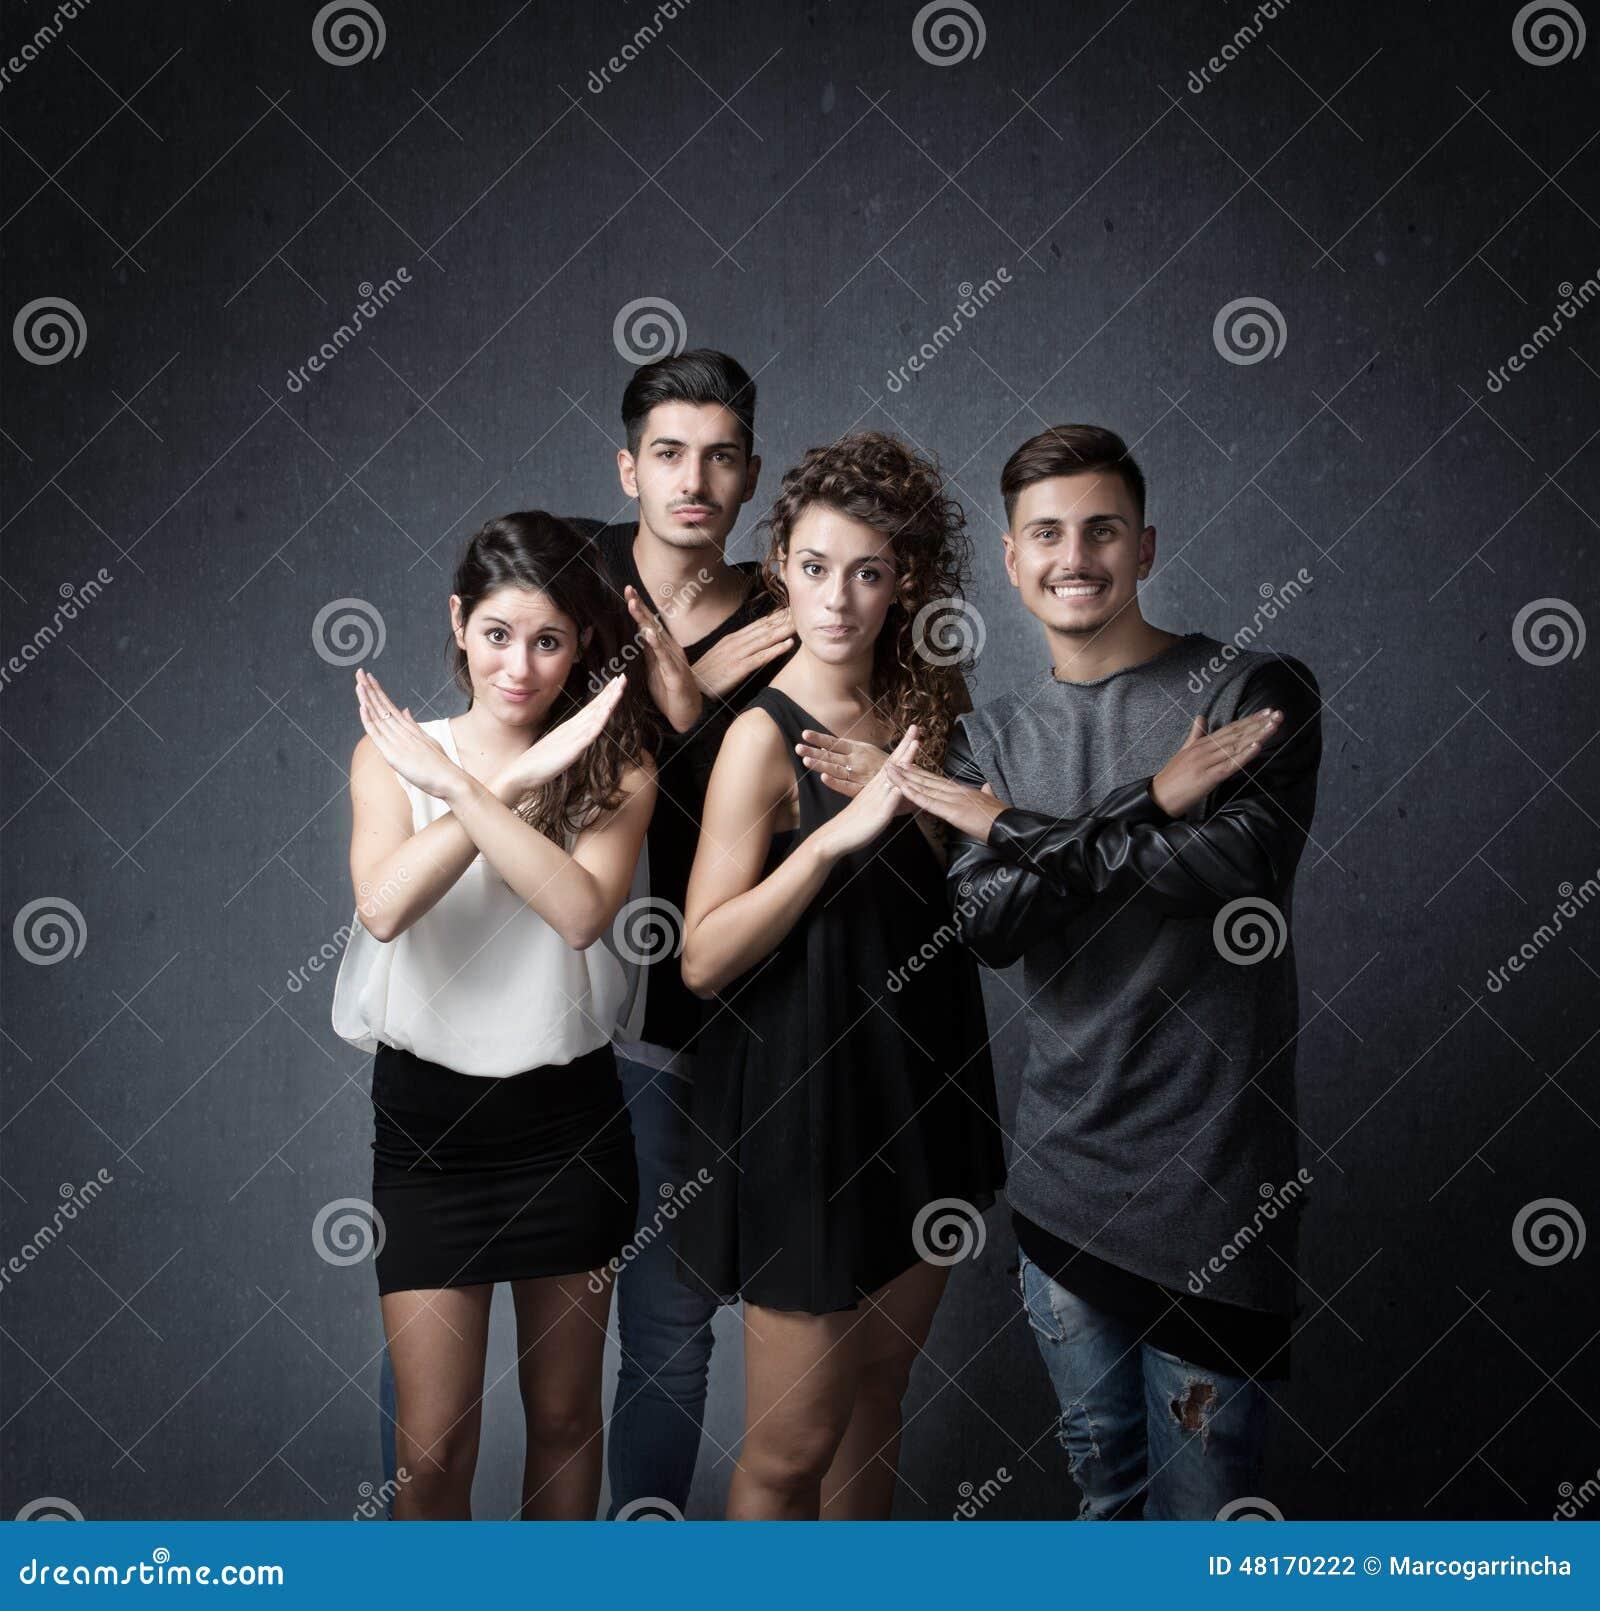 Fattore x per negli gli amici esperti